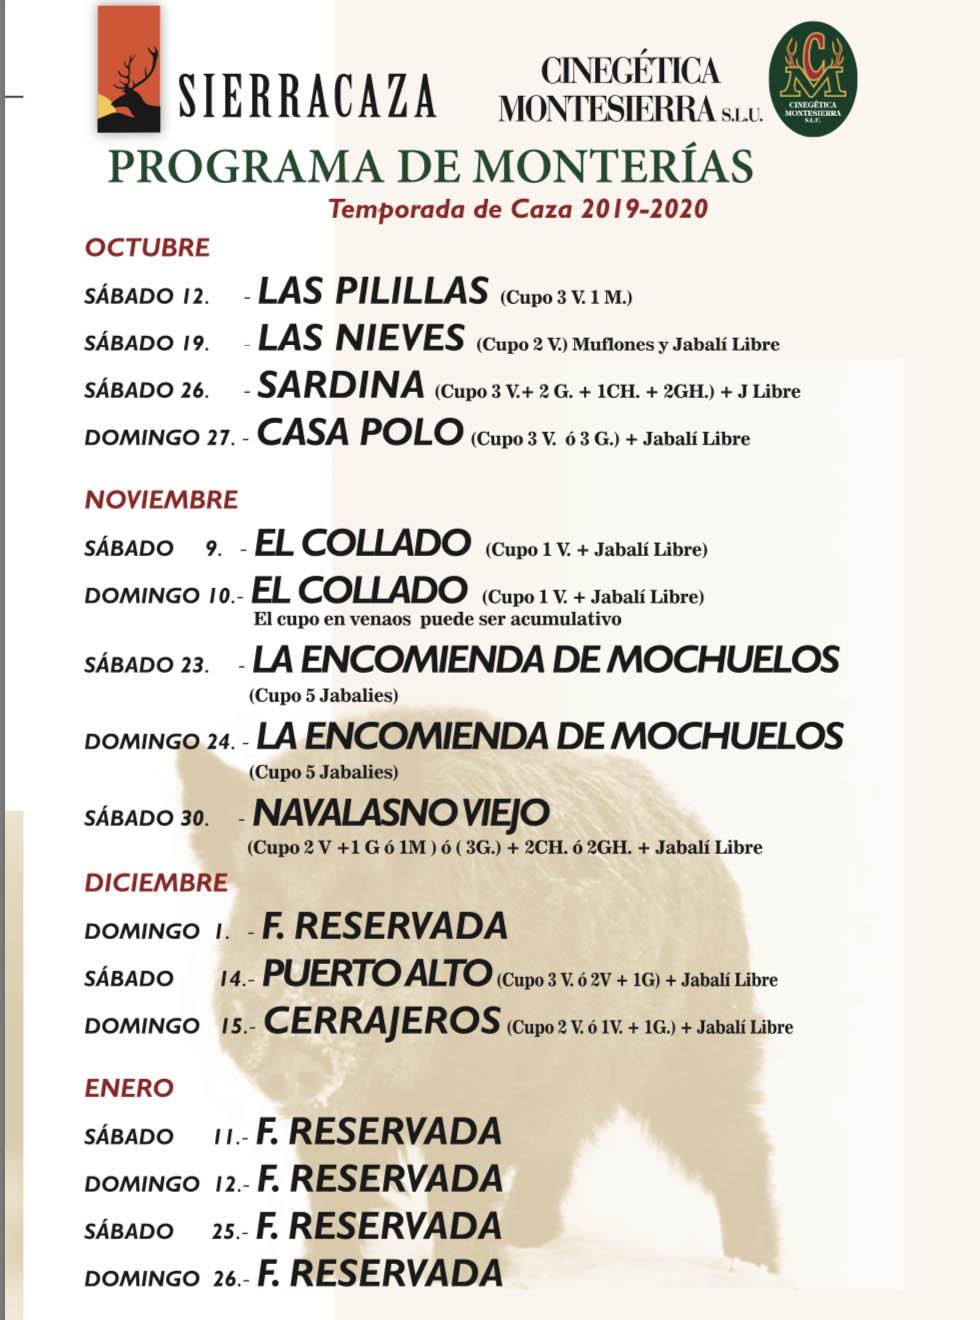 Programa Monterias Sierracaza